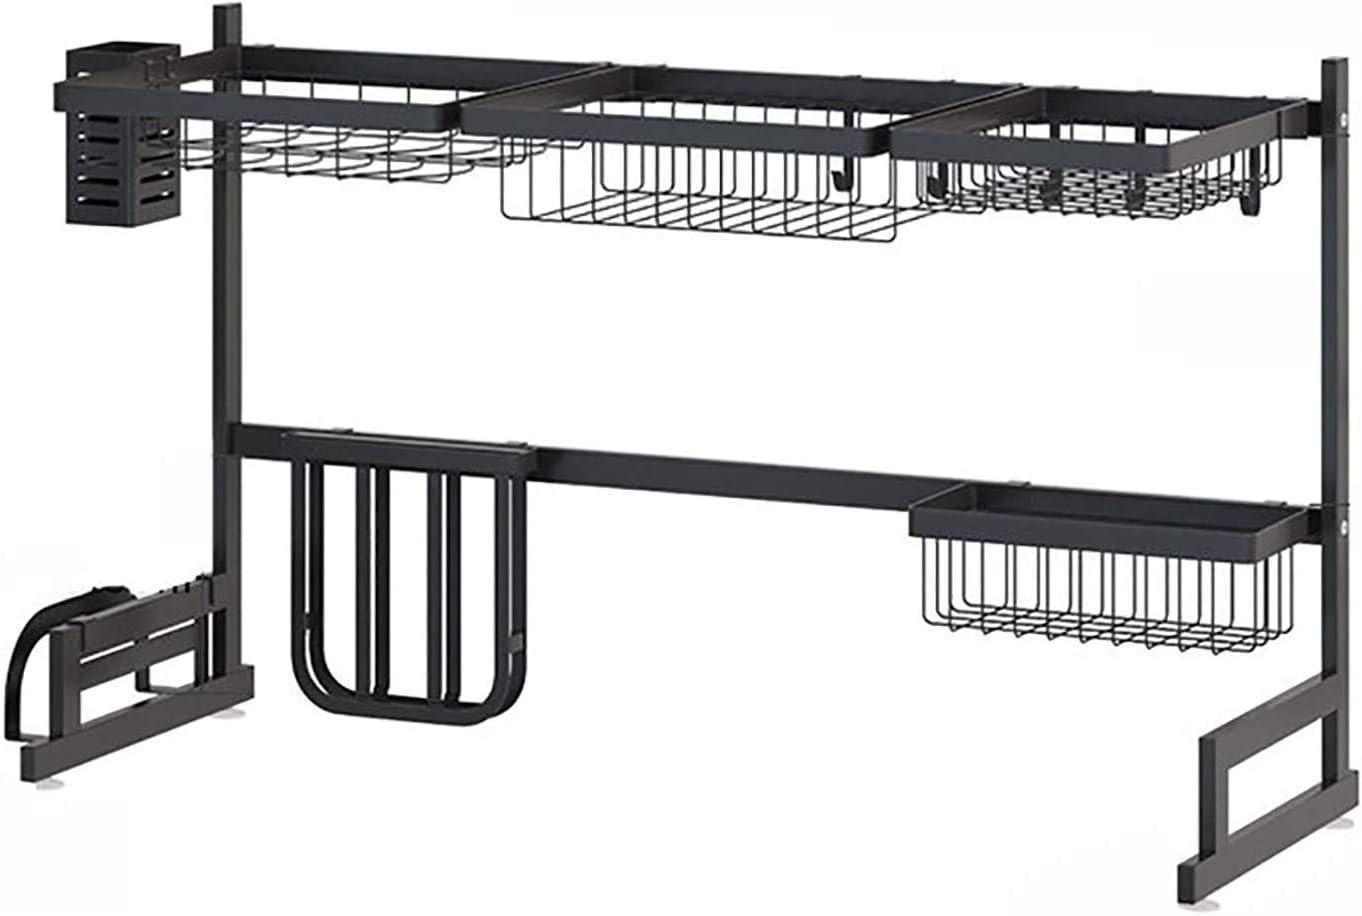 OH Plato Tendedero 2-Tercer Plato de Secado Rack Sobre Escurridor Fregadero de Acero Inoxidable Estante de Drenaje para el Hogar de la Cocina Del Diseño Moderno Firma